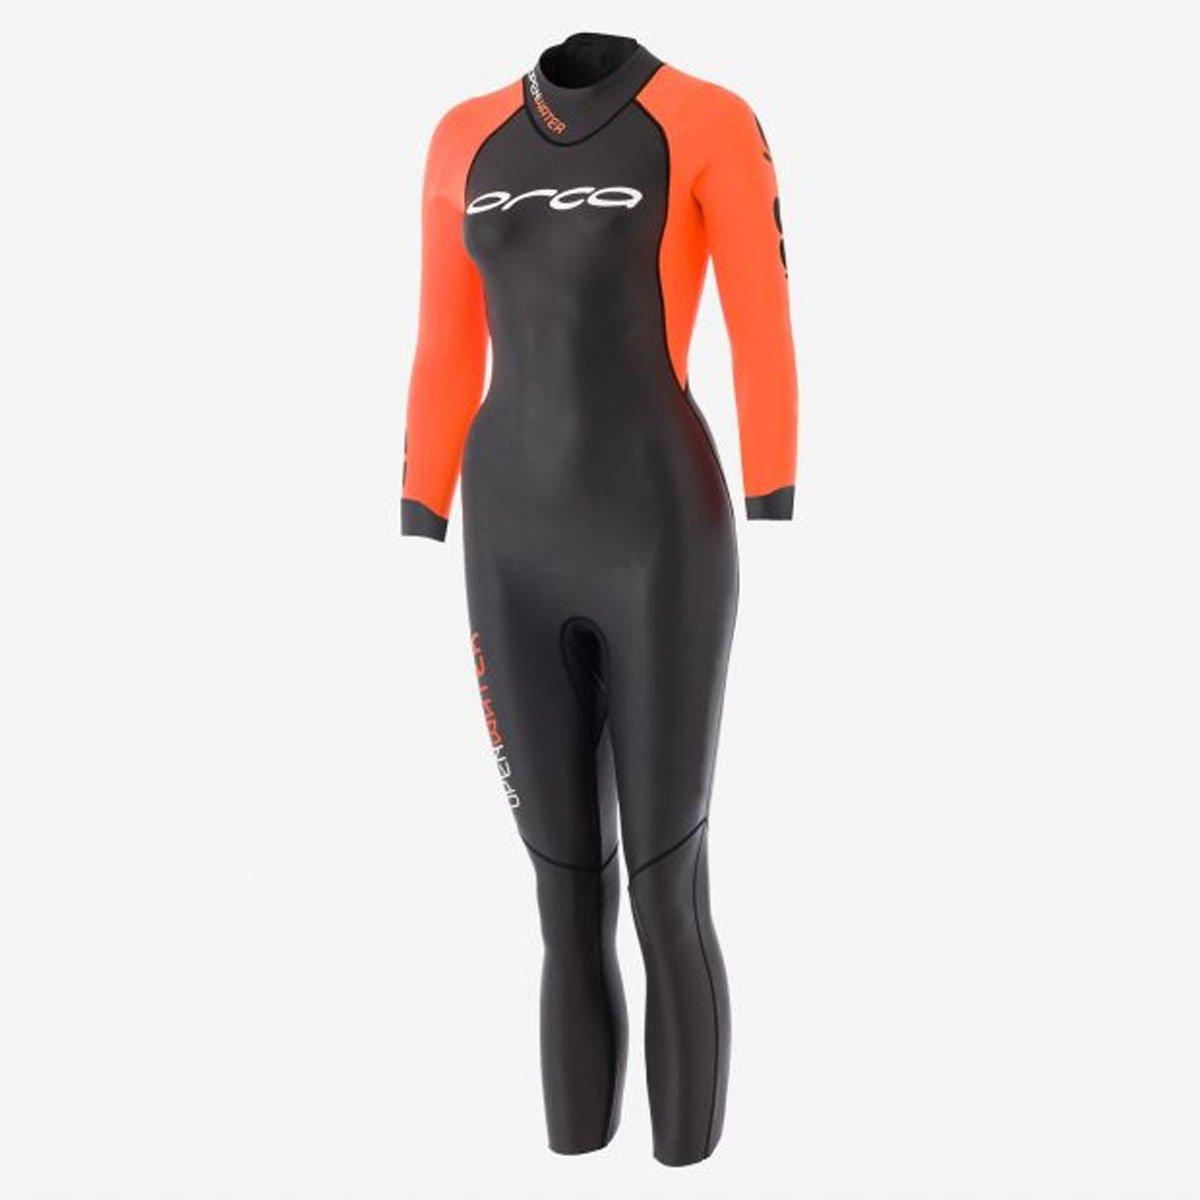 Orca Openwater Wetsuit Damen - Triathlon Neoprenanzug